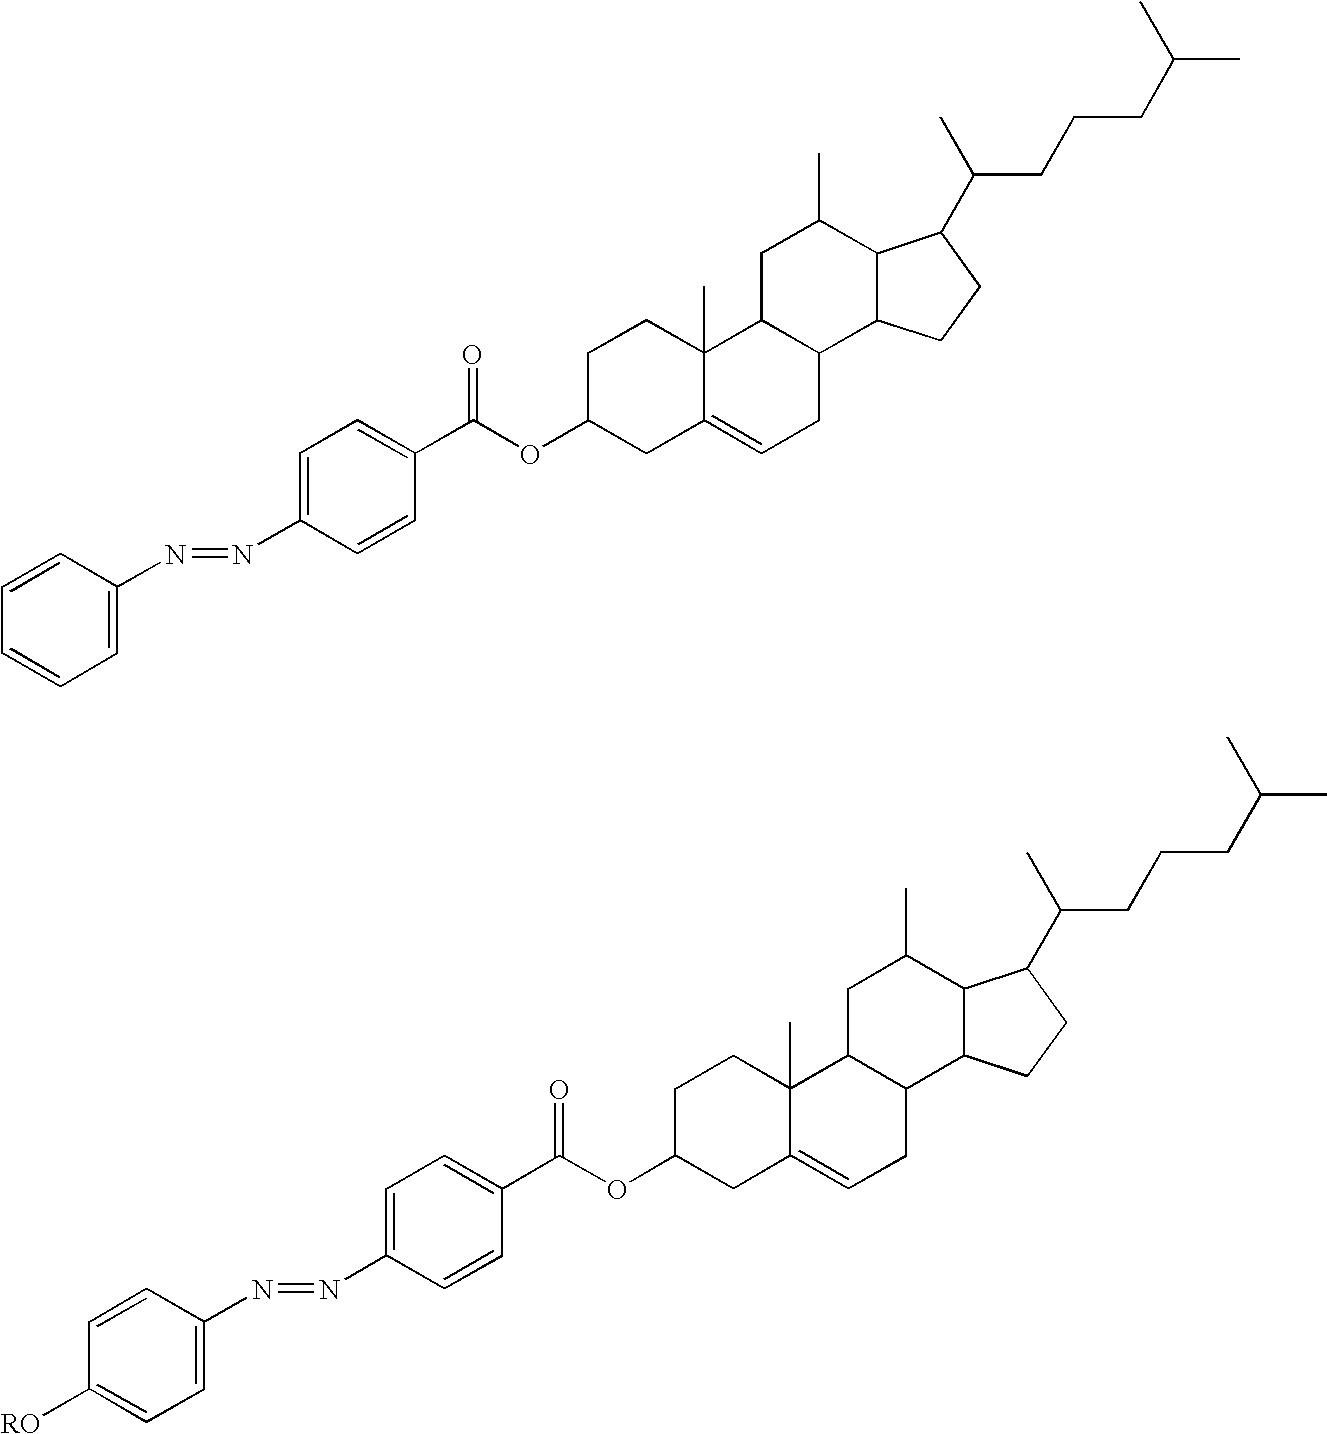 Figure US20040065227A1-20040408-C00111